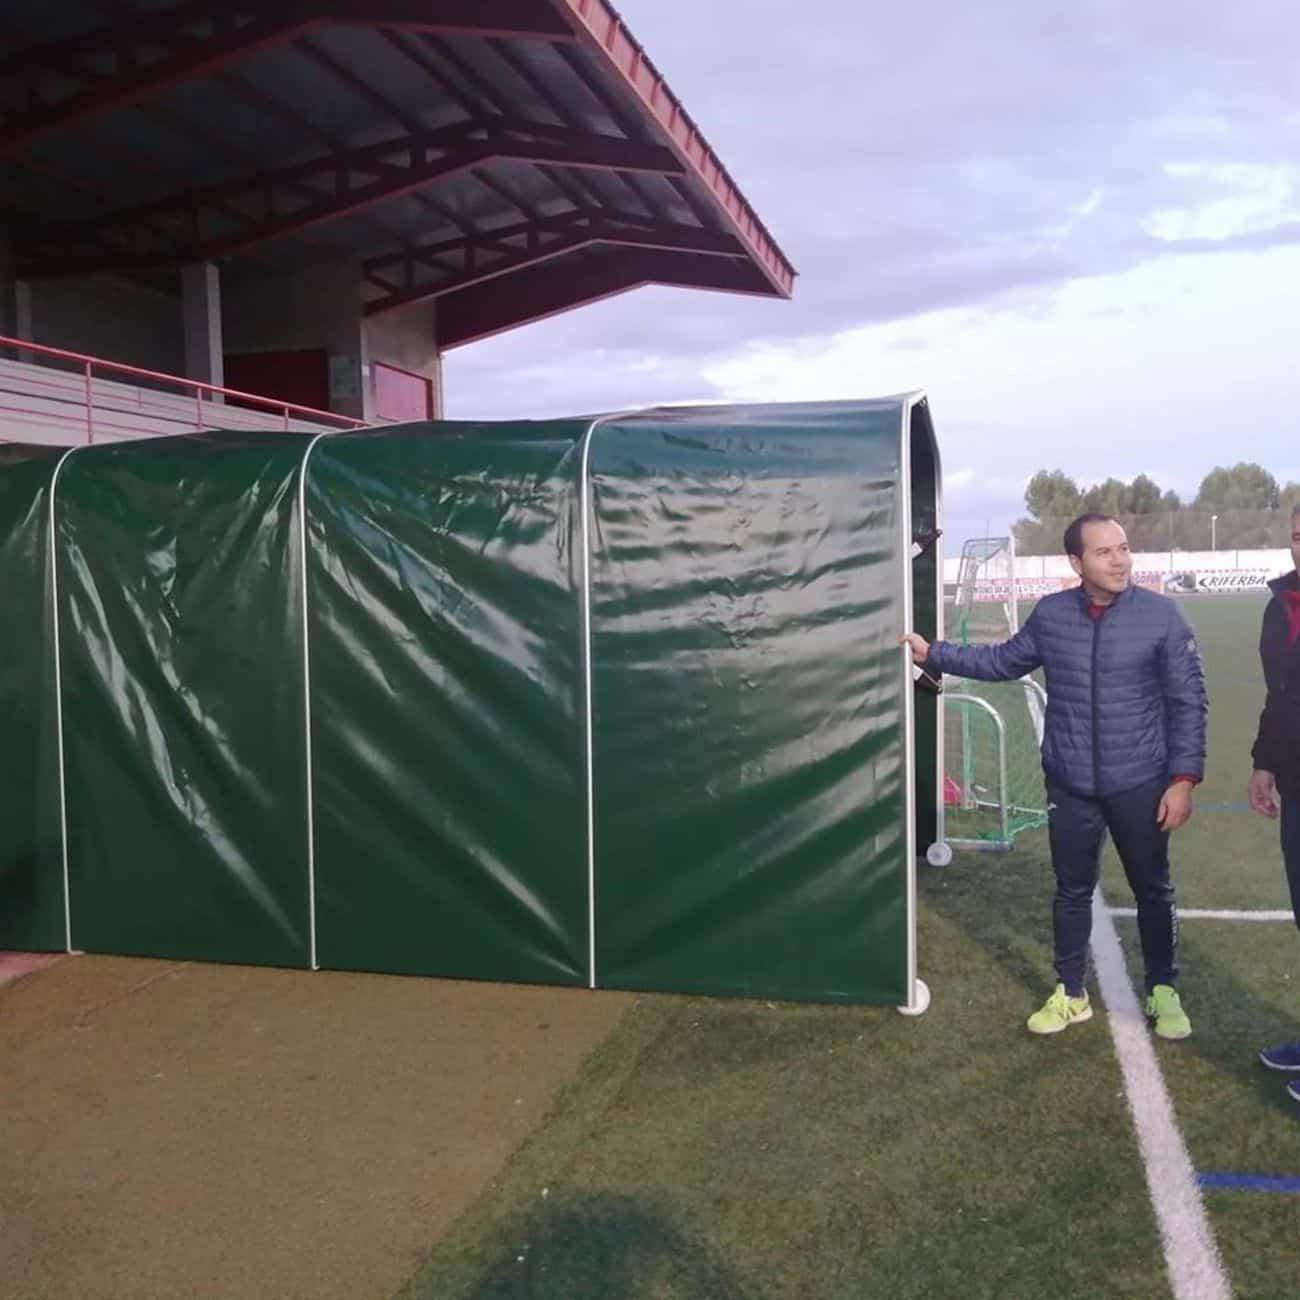 Mejoras en las instalaciones del campo de fútbol de Herencia 17